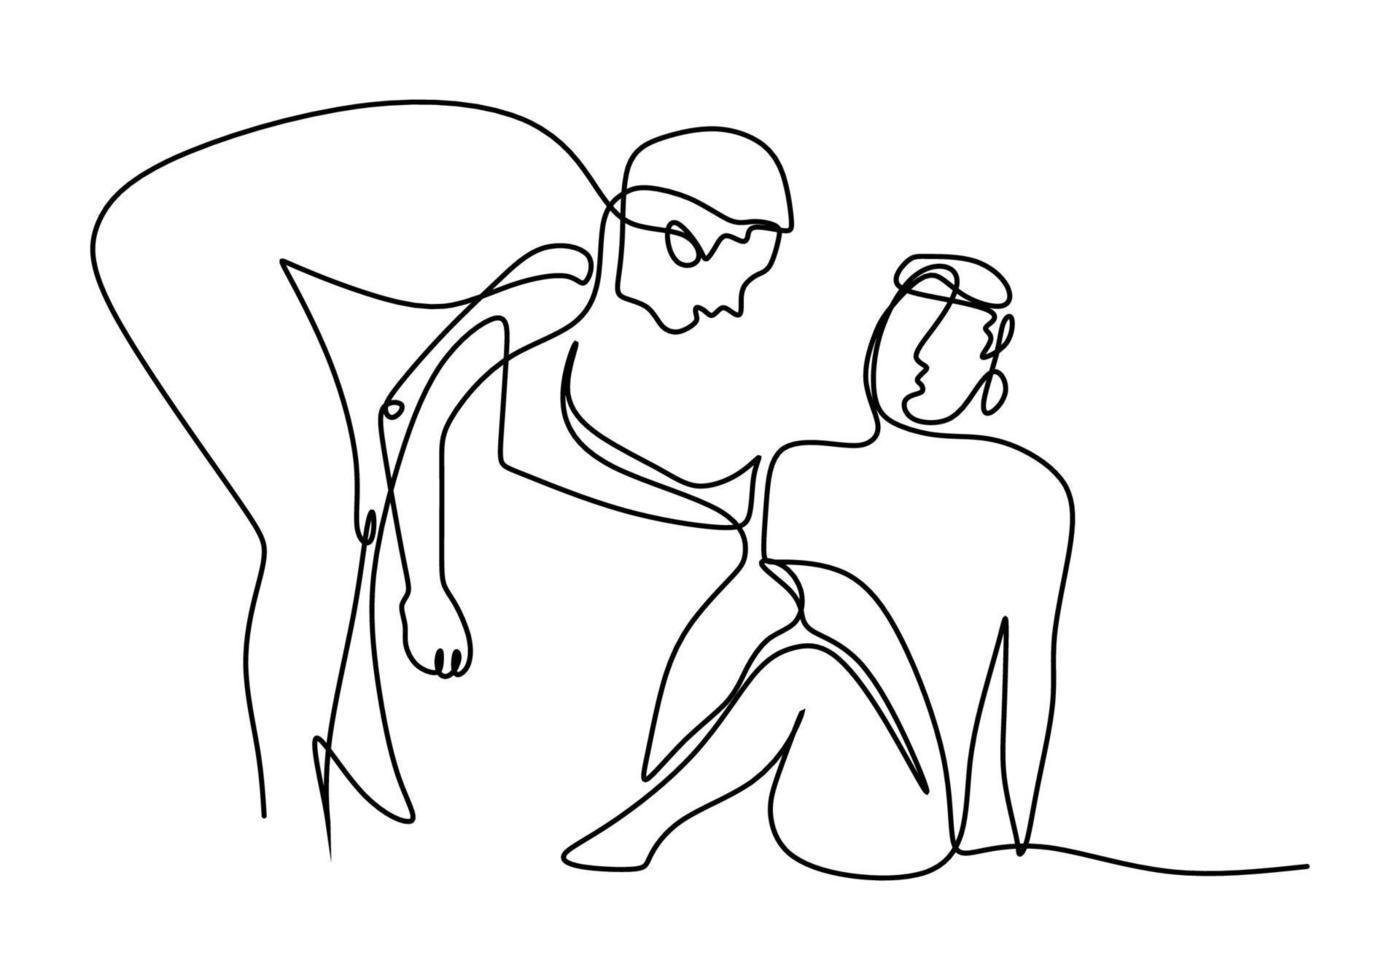 um desenho de linha de pessoas ajuda as outras. jovem ajudando o outro homem que caiu mostra um gesto de solidariedade. dia humanitário. conceito de apoio mútuo. ilustrações vetoriais de estilo mínimo vetor